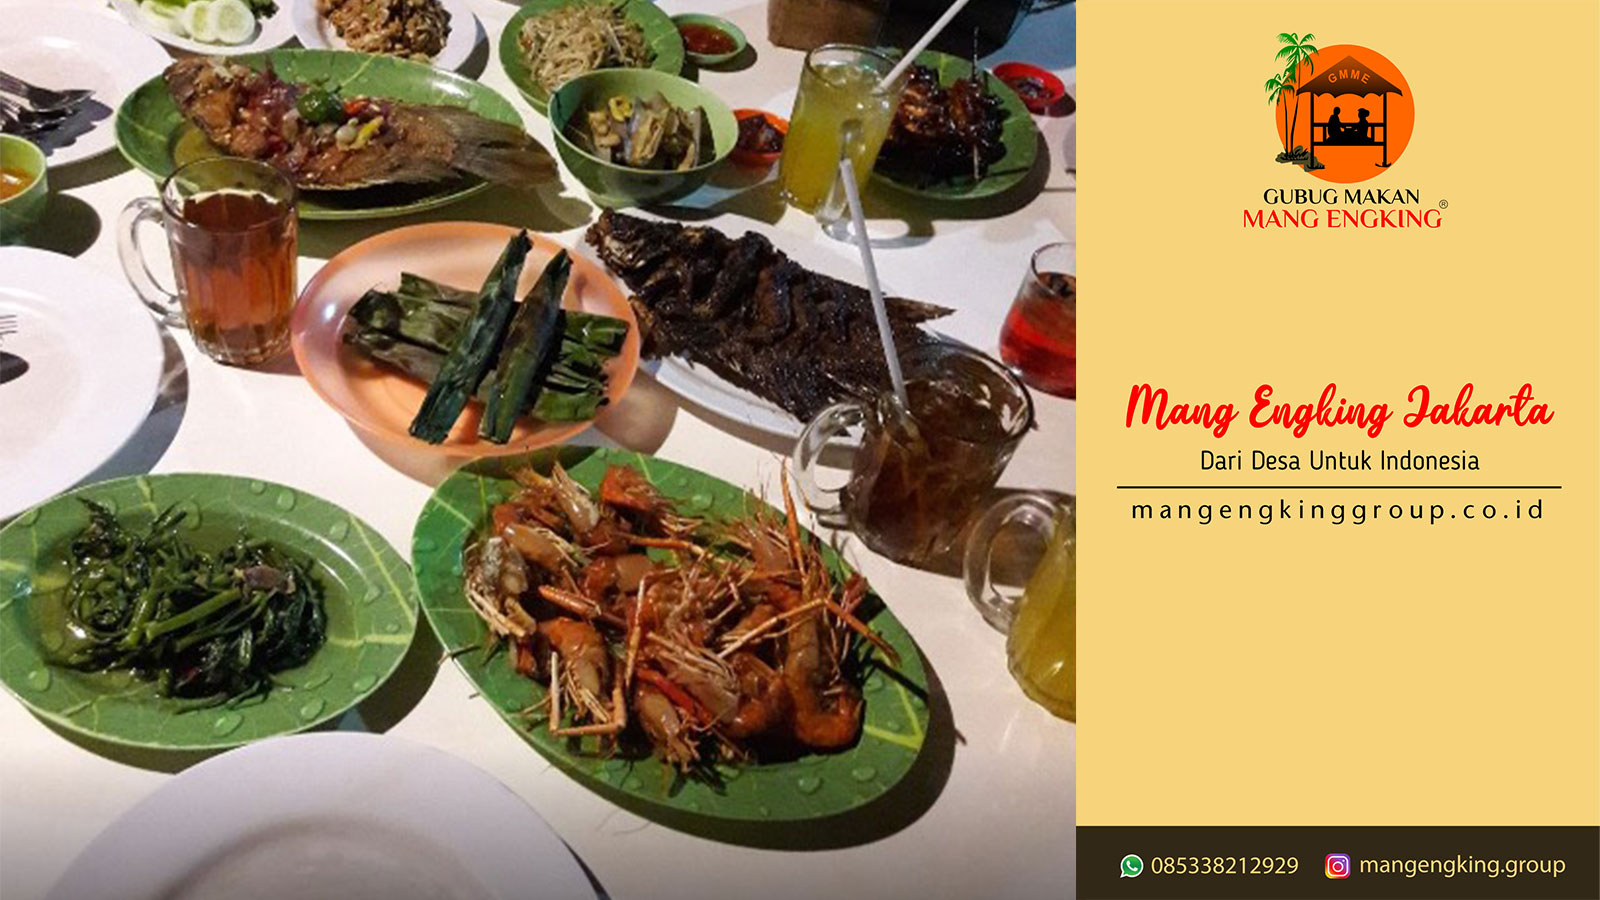 Mang Engking Jakarta - 2